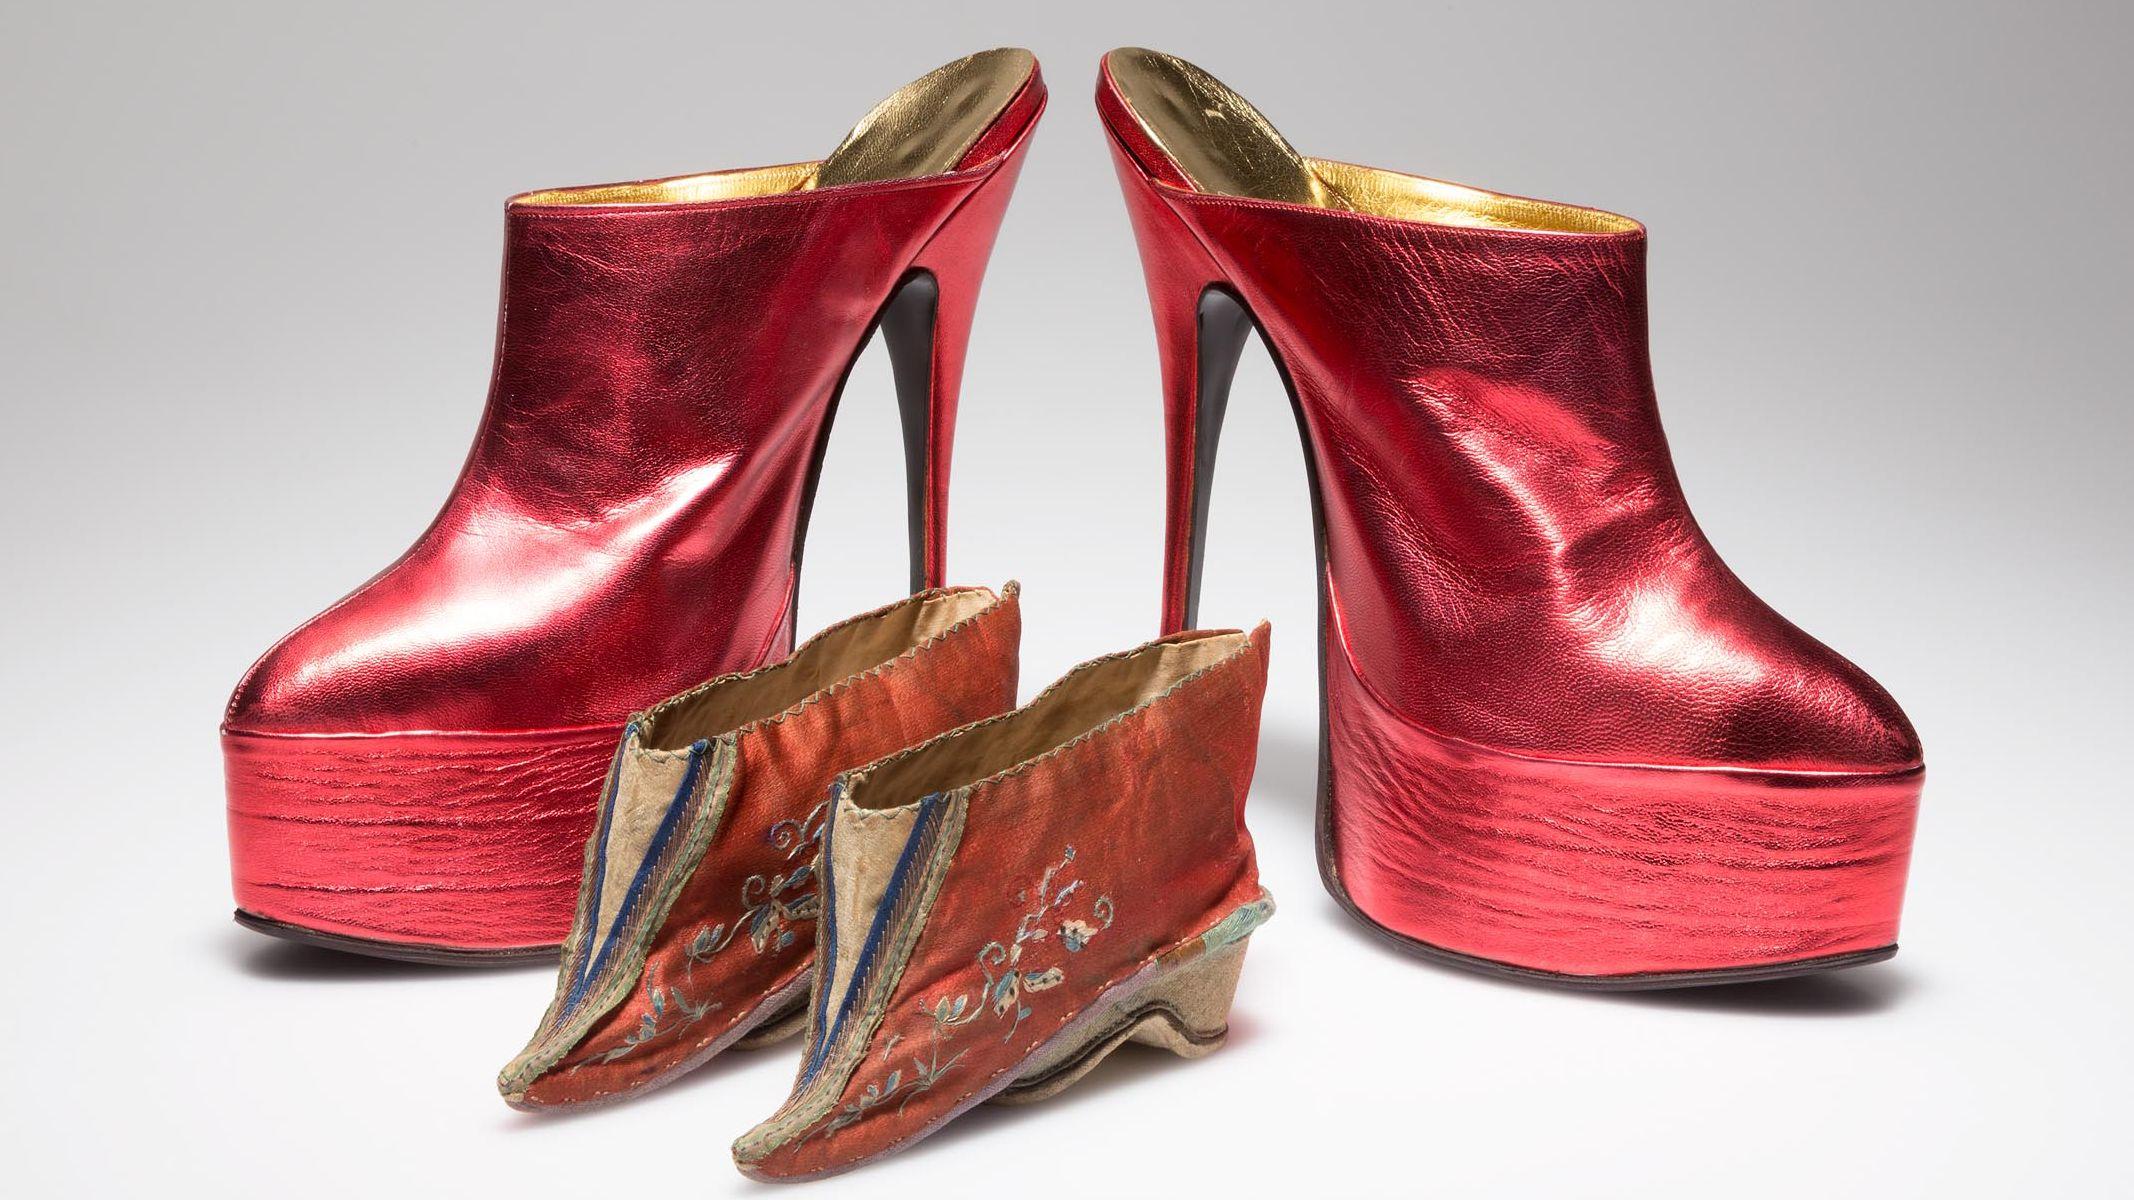 Schön, aber schmerzhaft: Kinderhandgroße Schuhe für Lotosfüße (um 1900) und schwindelerregnd hohe Plateau-Heels (1989)